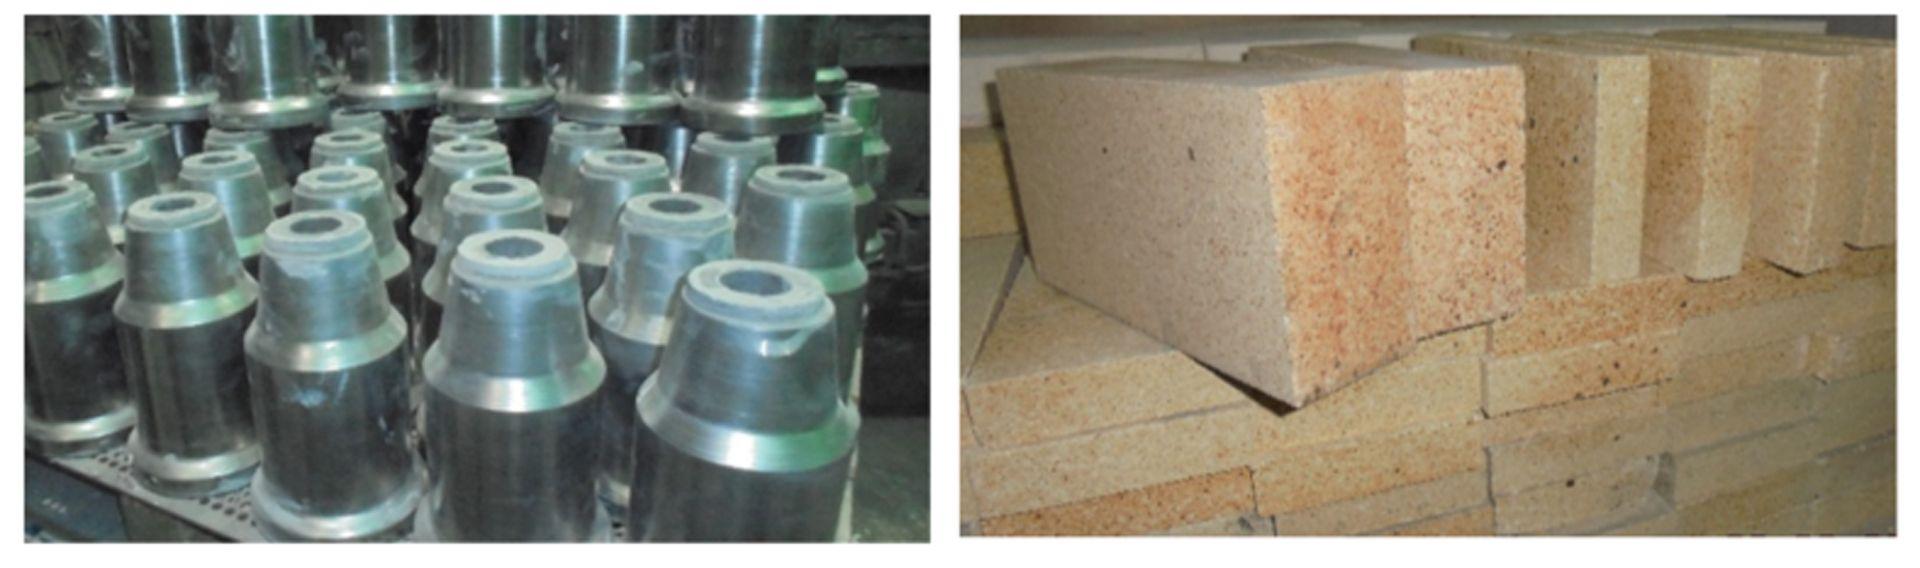 Recuperacion y reutilización de escorias salinas de aluminio